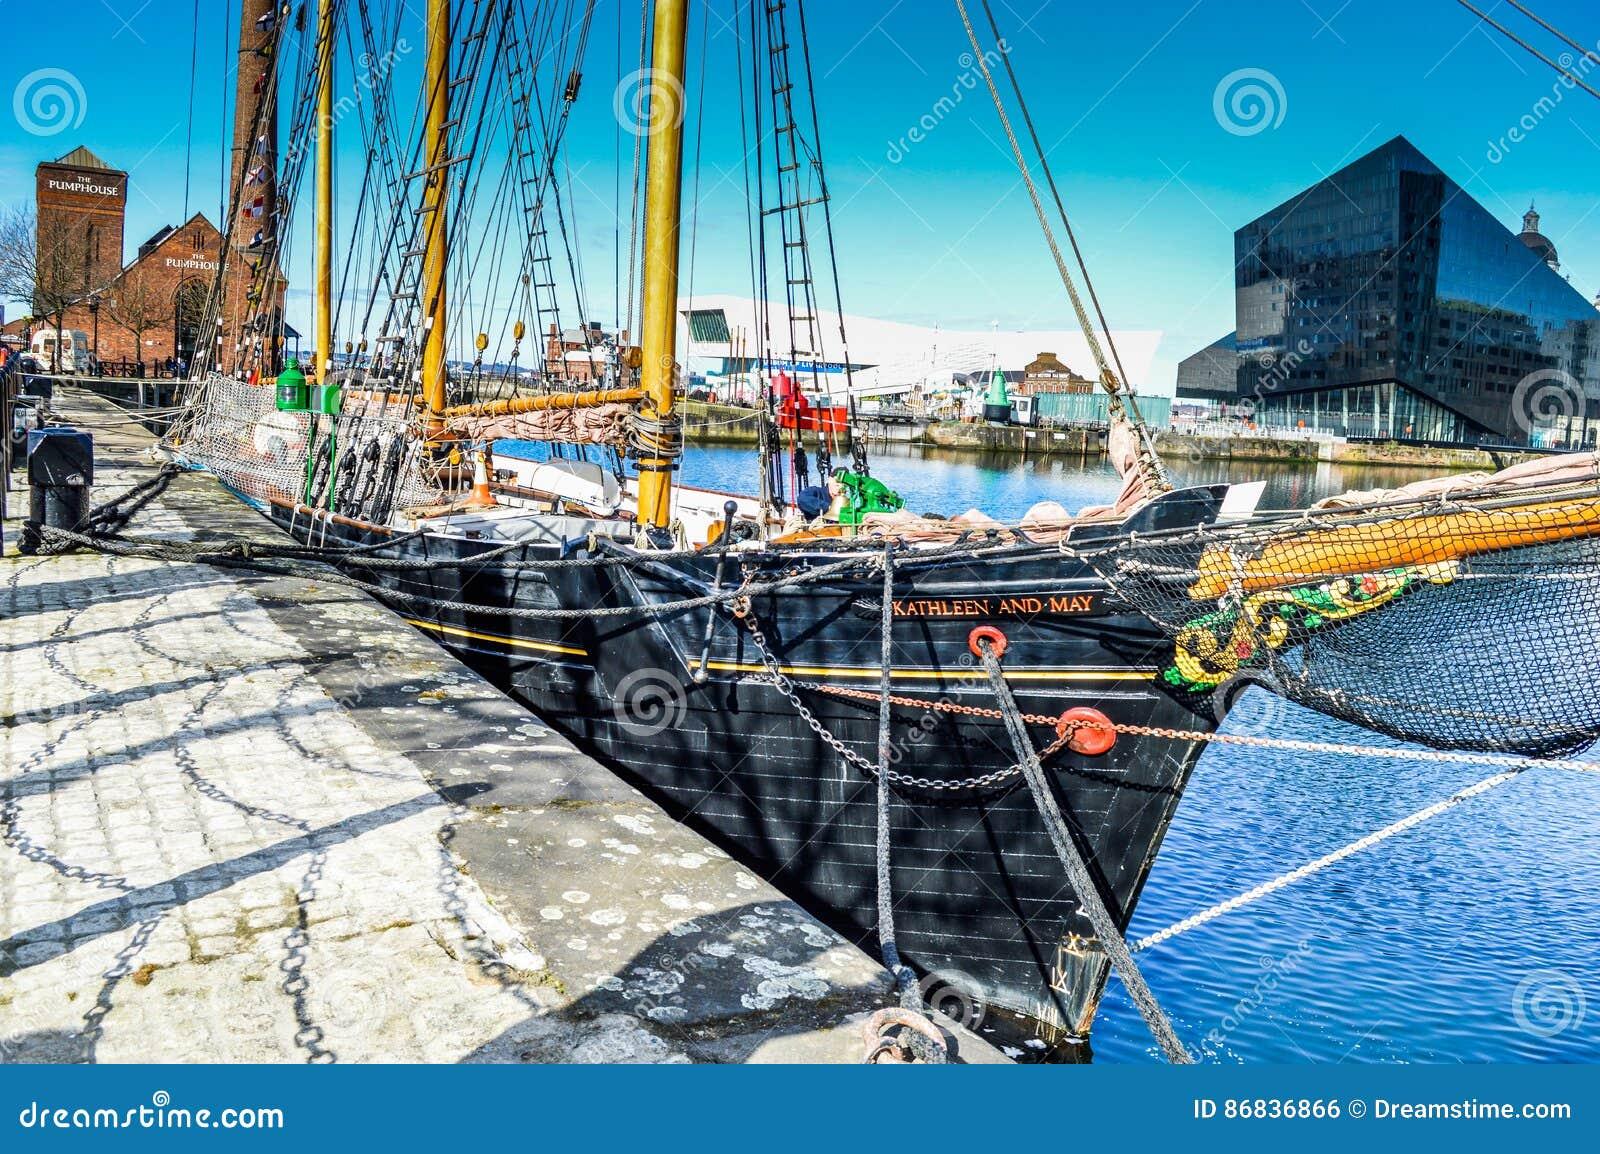 Liverpool UK - 03 April 2015 - det Kathleen och Maj skeppet ansluter i skeppsdocka på burk